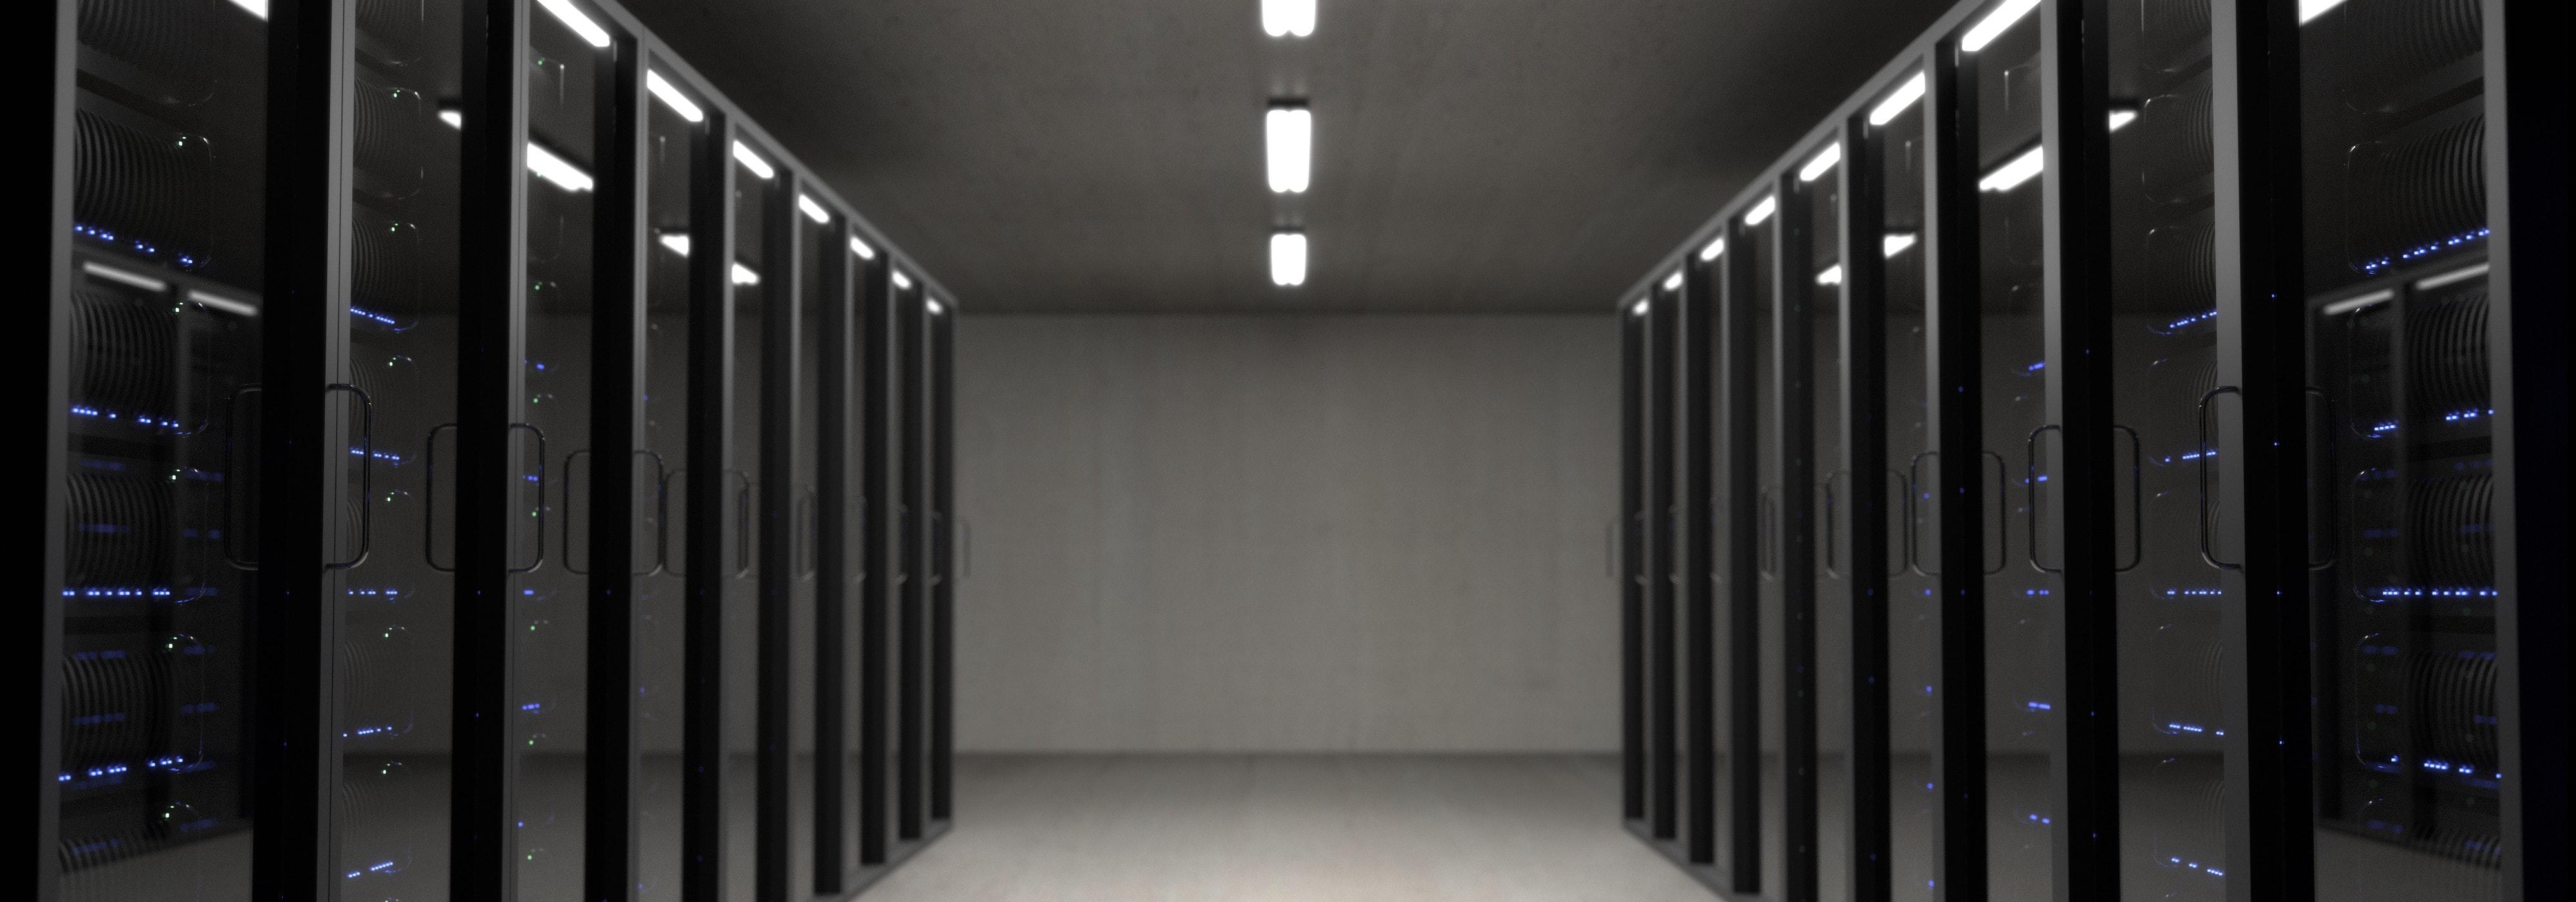 modern data storage